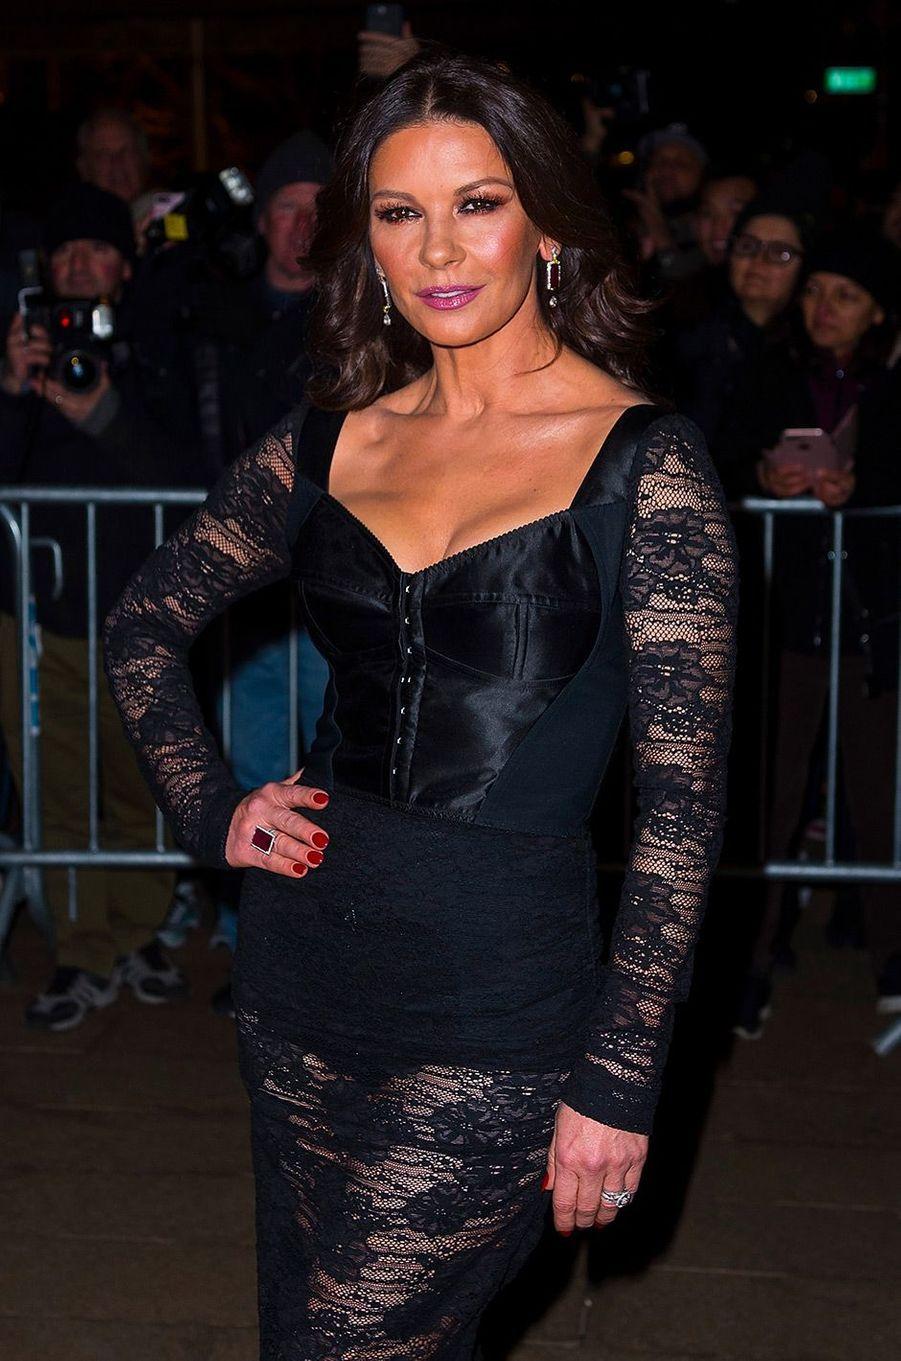 Catherine Zeta-Jones au défilé Dolce & Gabbana à New York